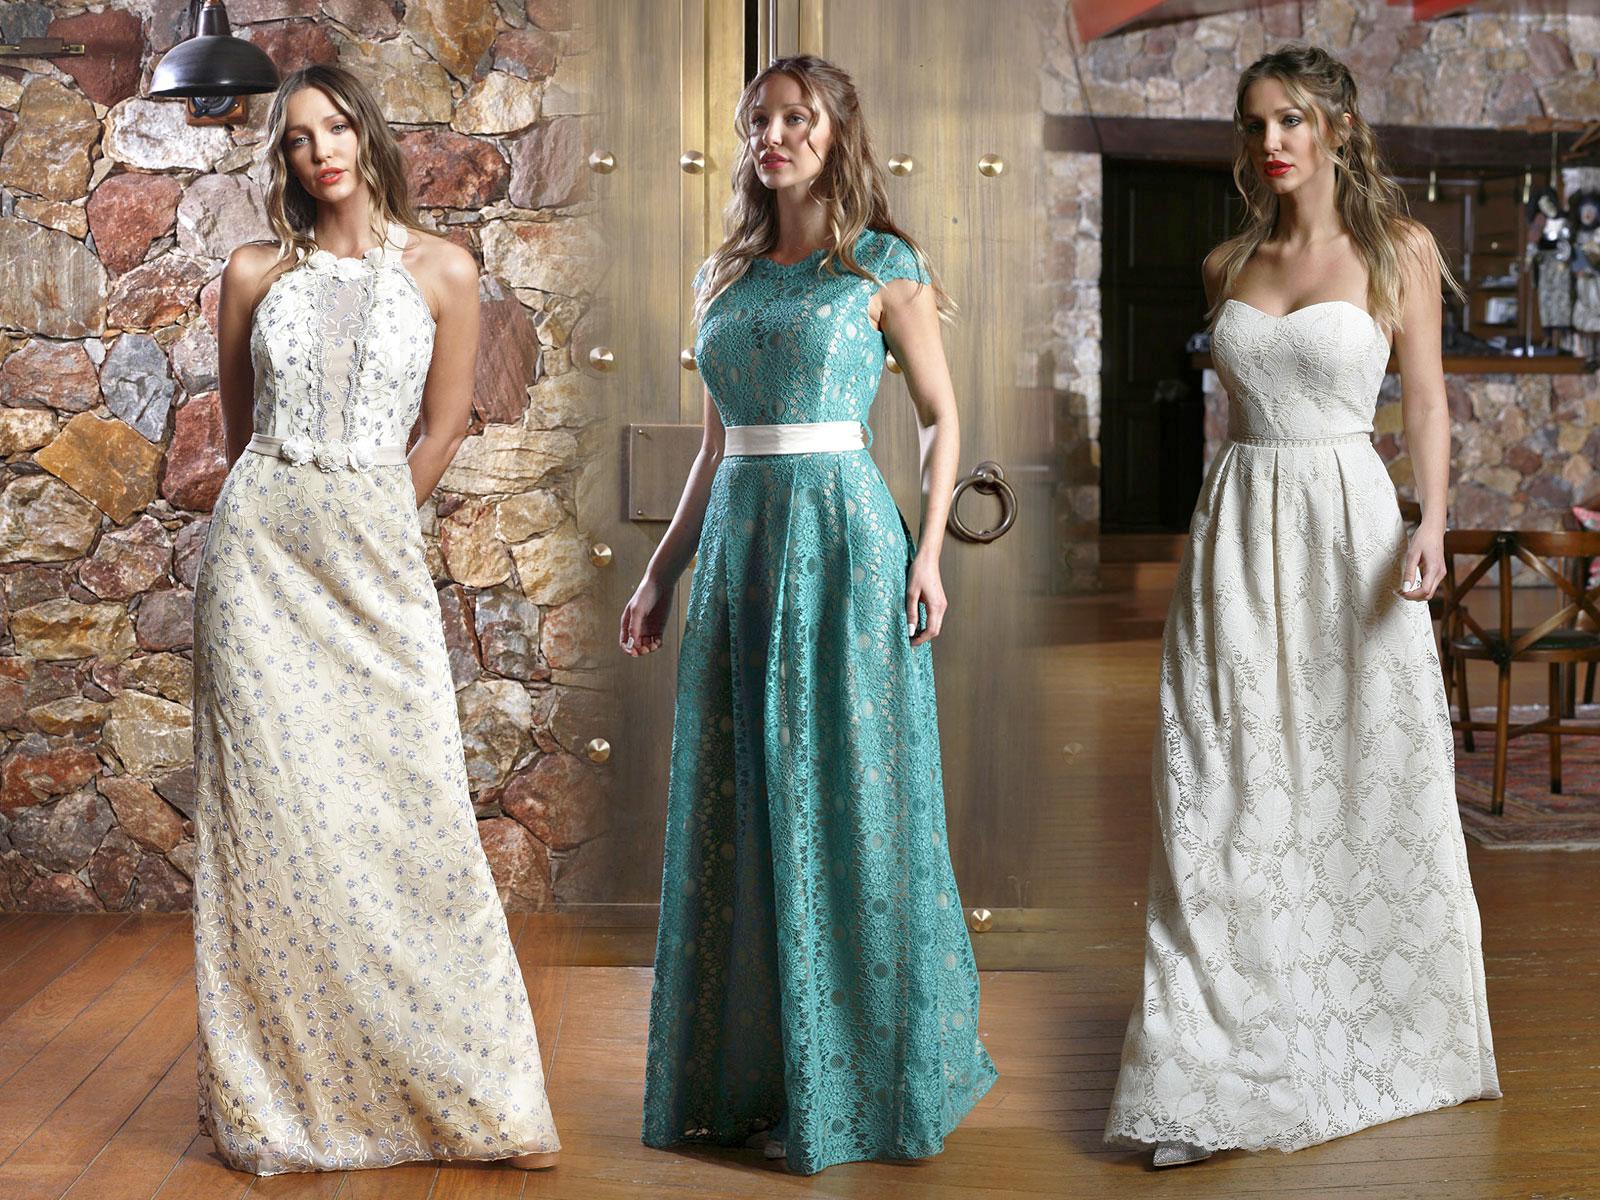 Γυναικεια ρουχα φορεματα βραδυνα για πολιτικο γαμο αρραβωνα φορμες ολοσωμες  μοντερνες Α2 beb41c49a87